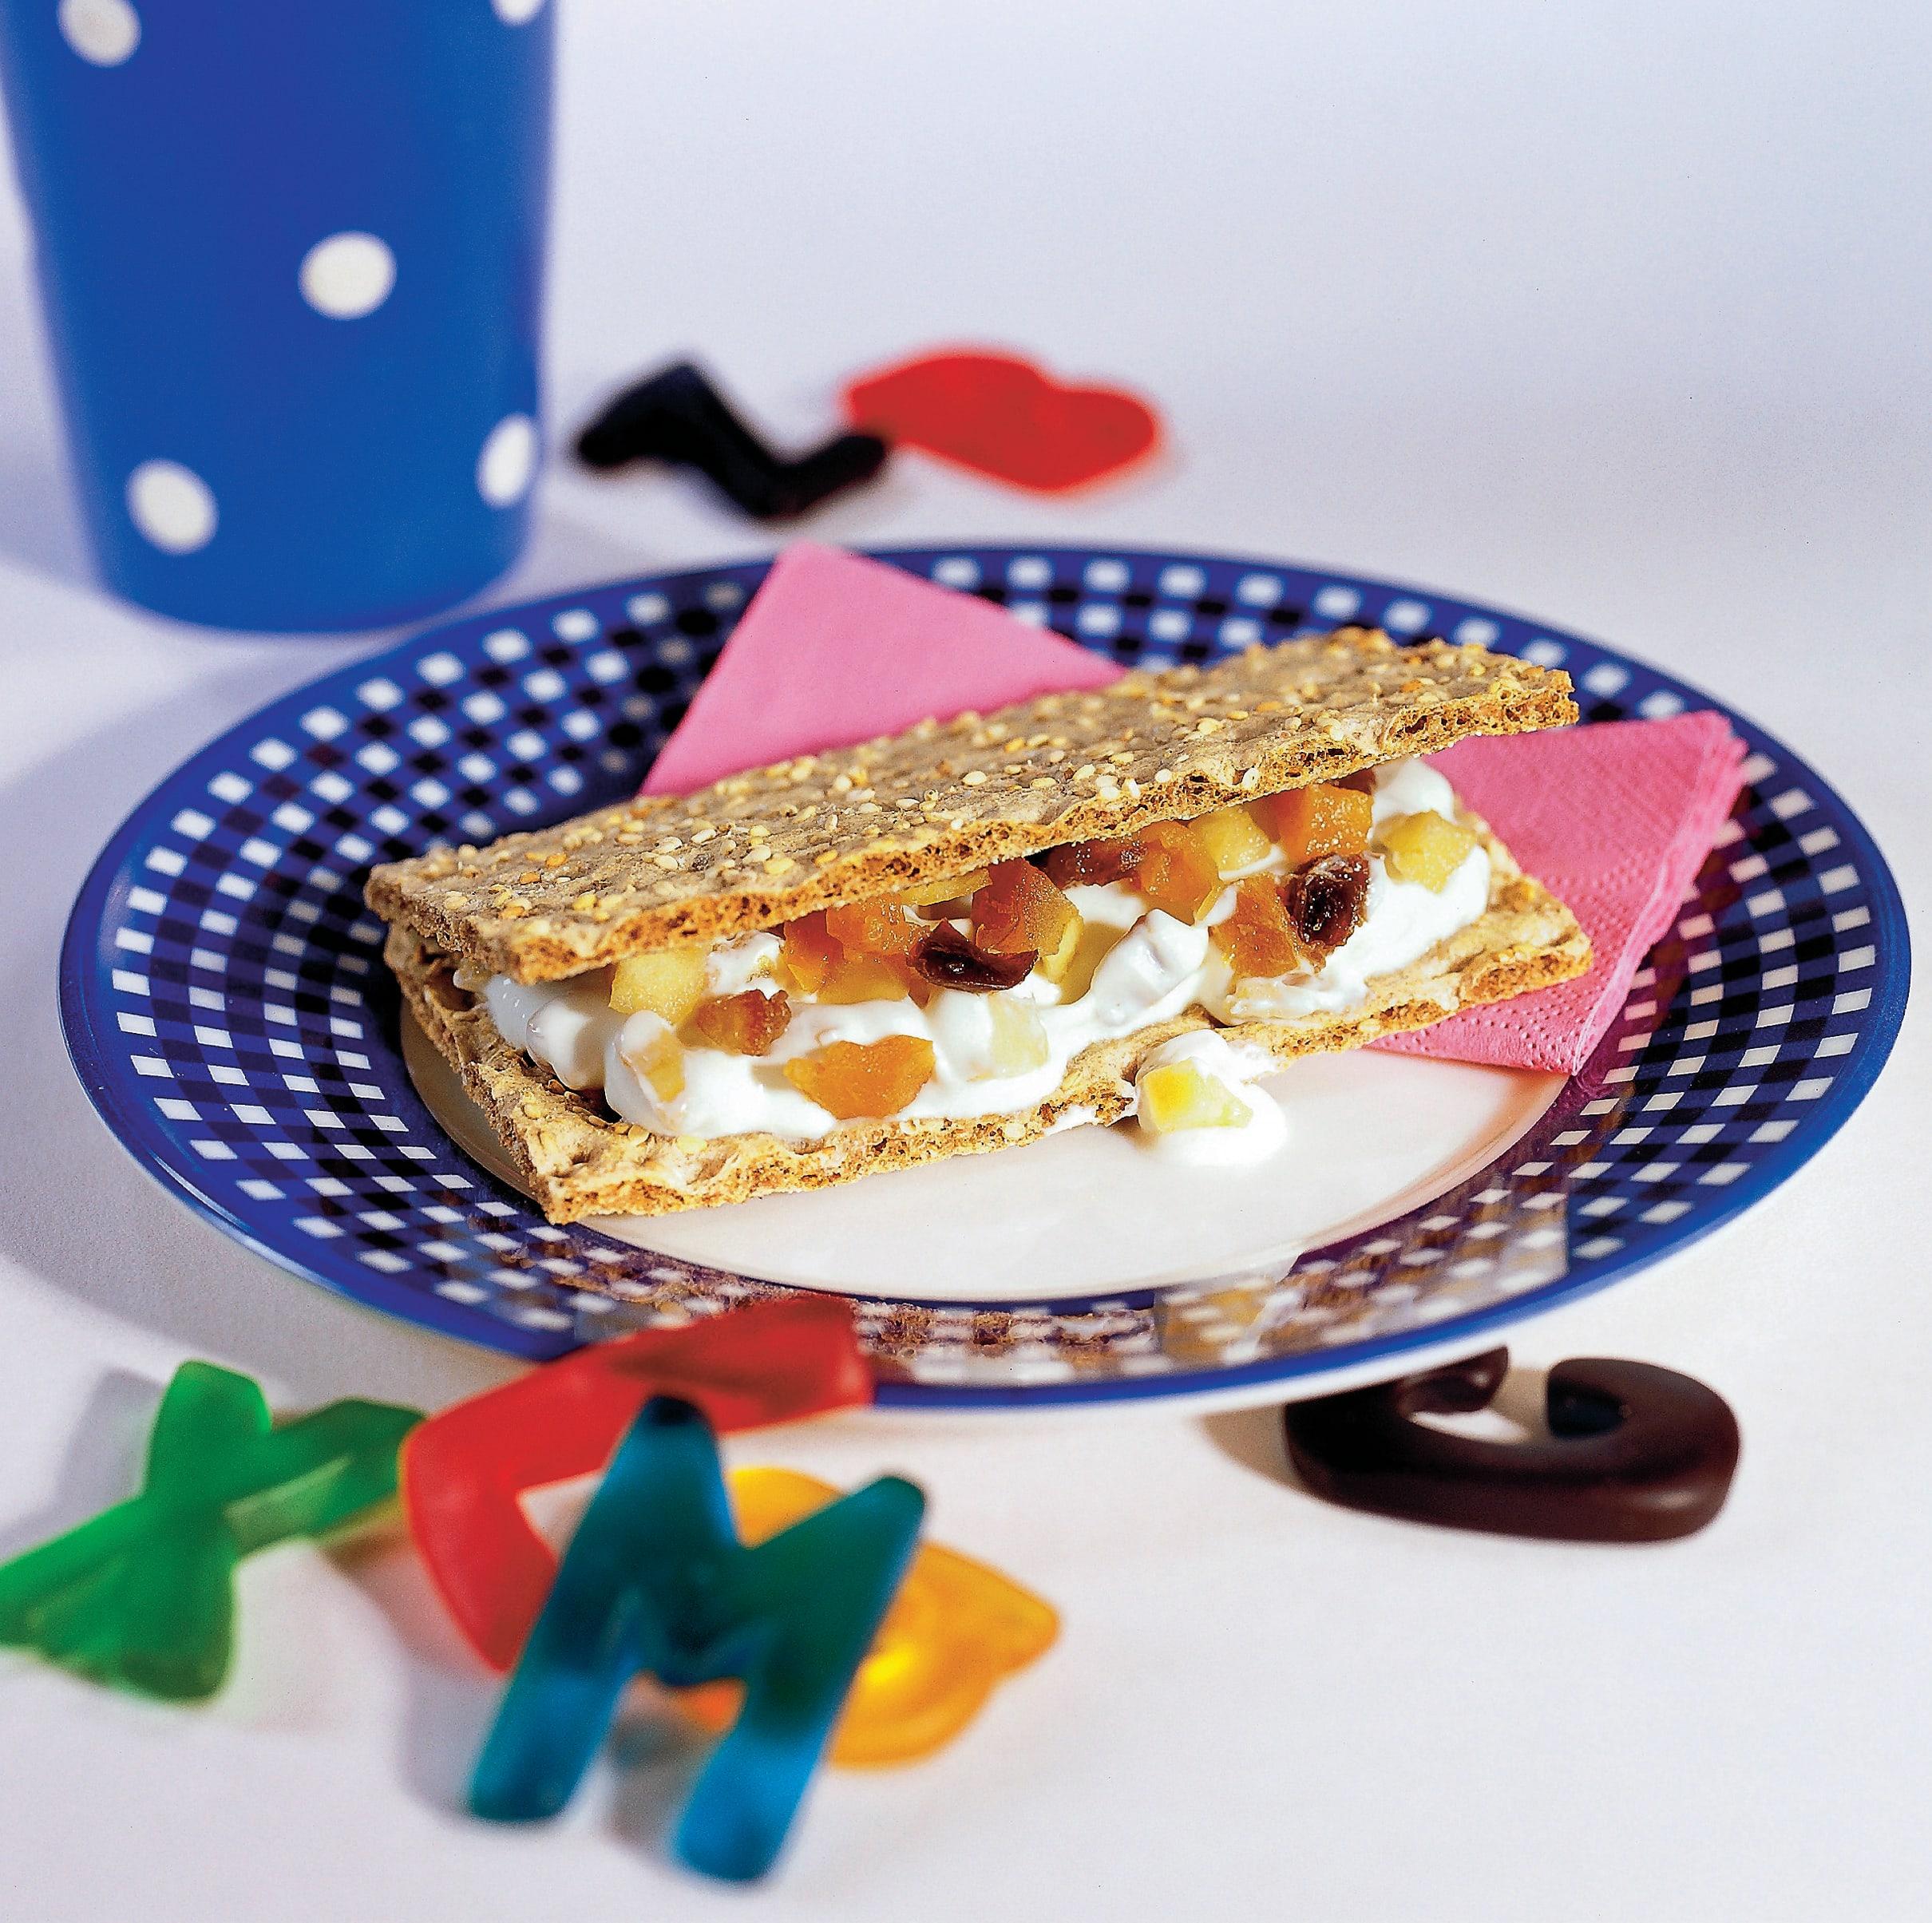 Dörrfrucht-Sandwich